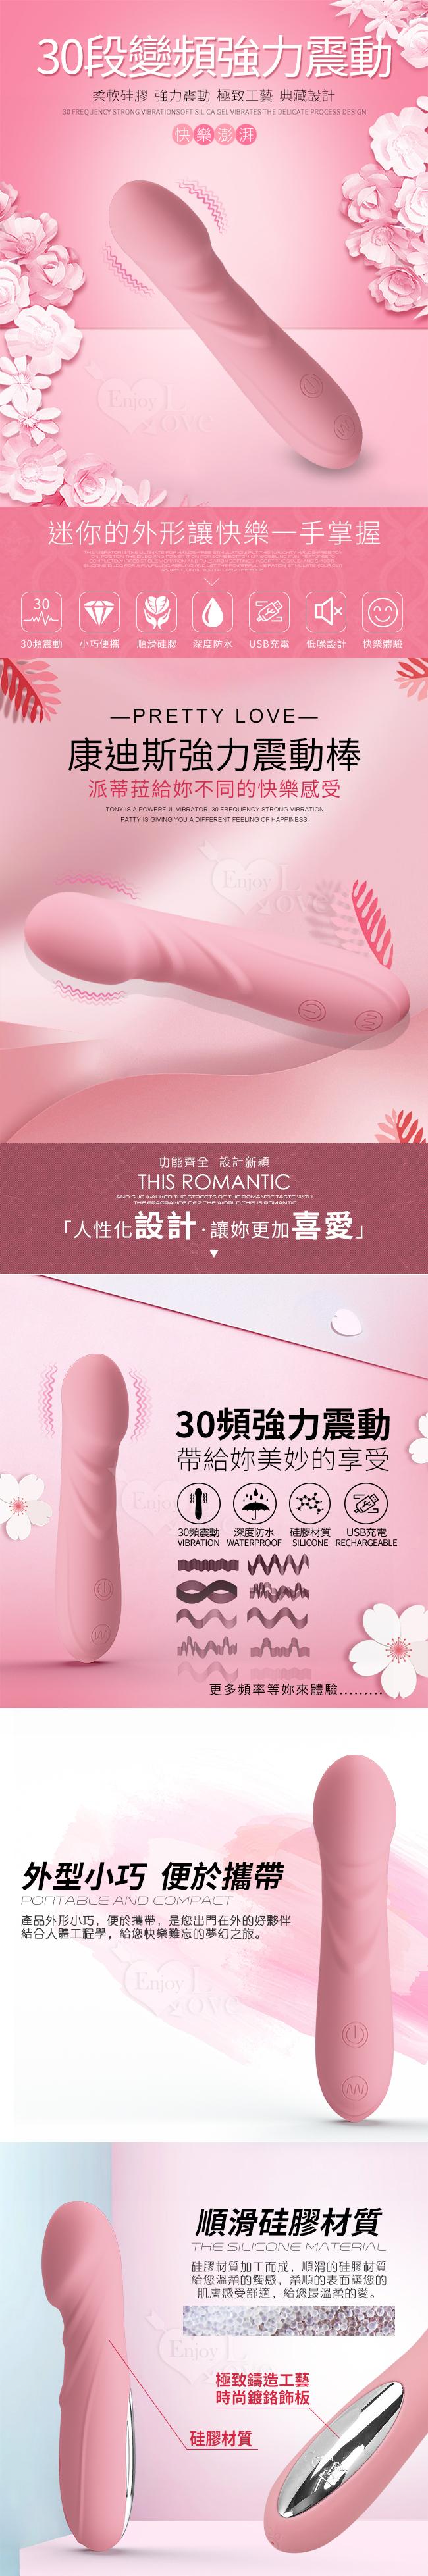 PRETTY LOVE 派蒂菈‧Candice 康迪斯 30變頻快樂澎湃按摩摩